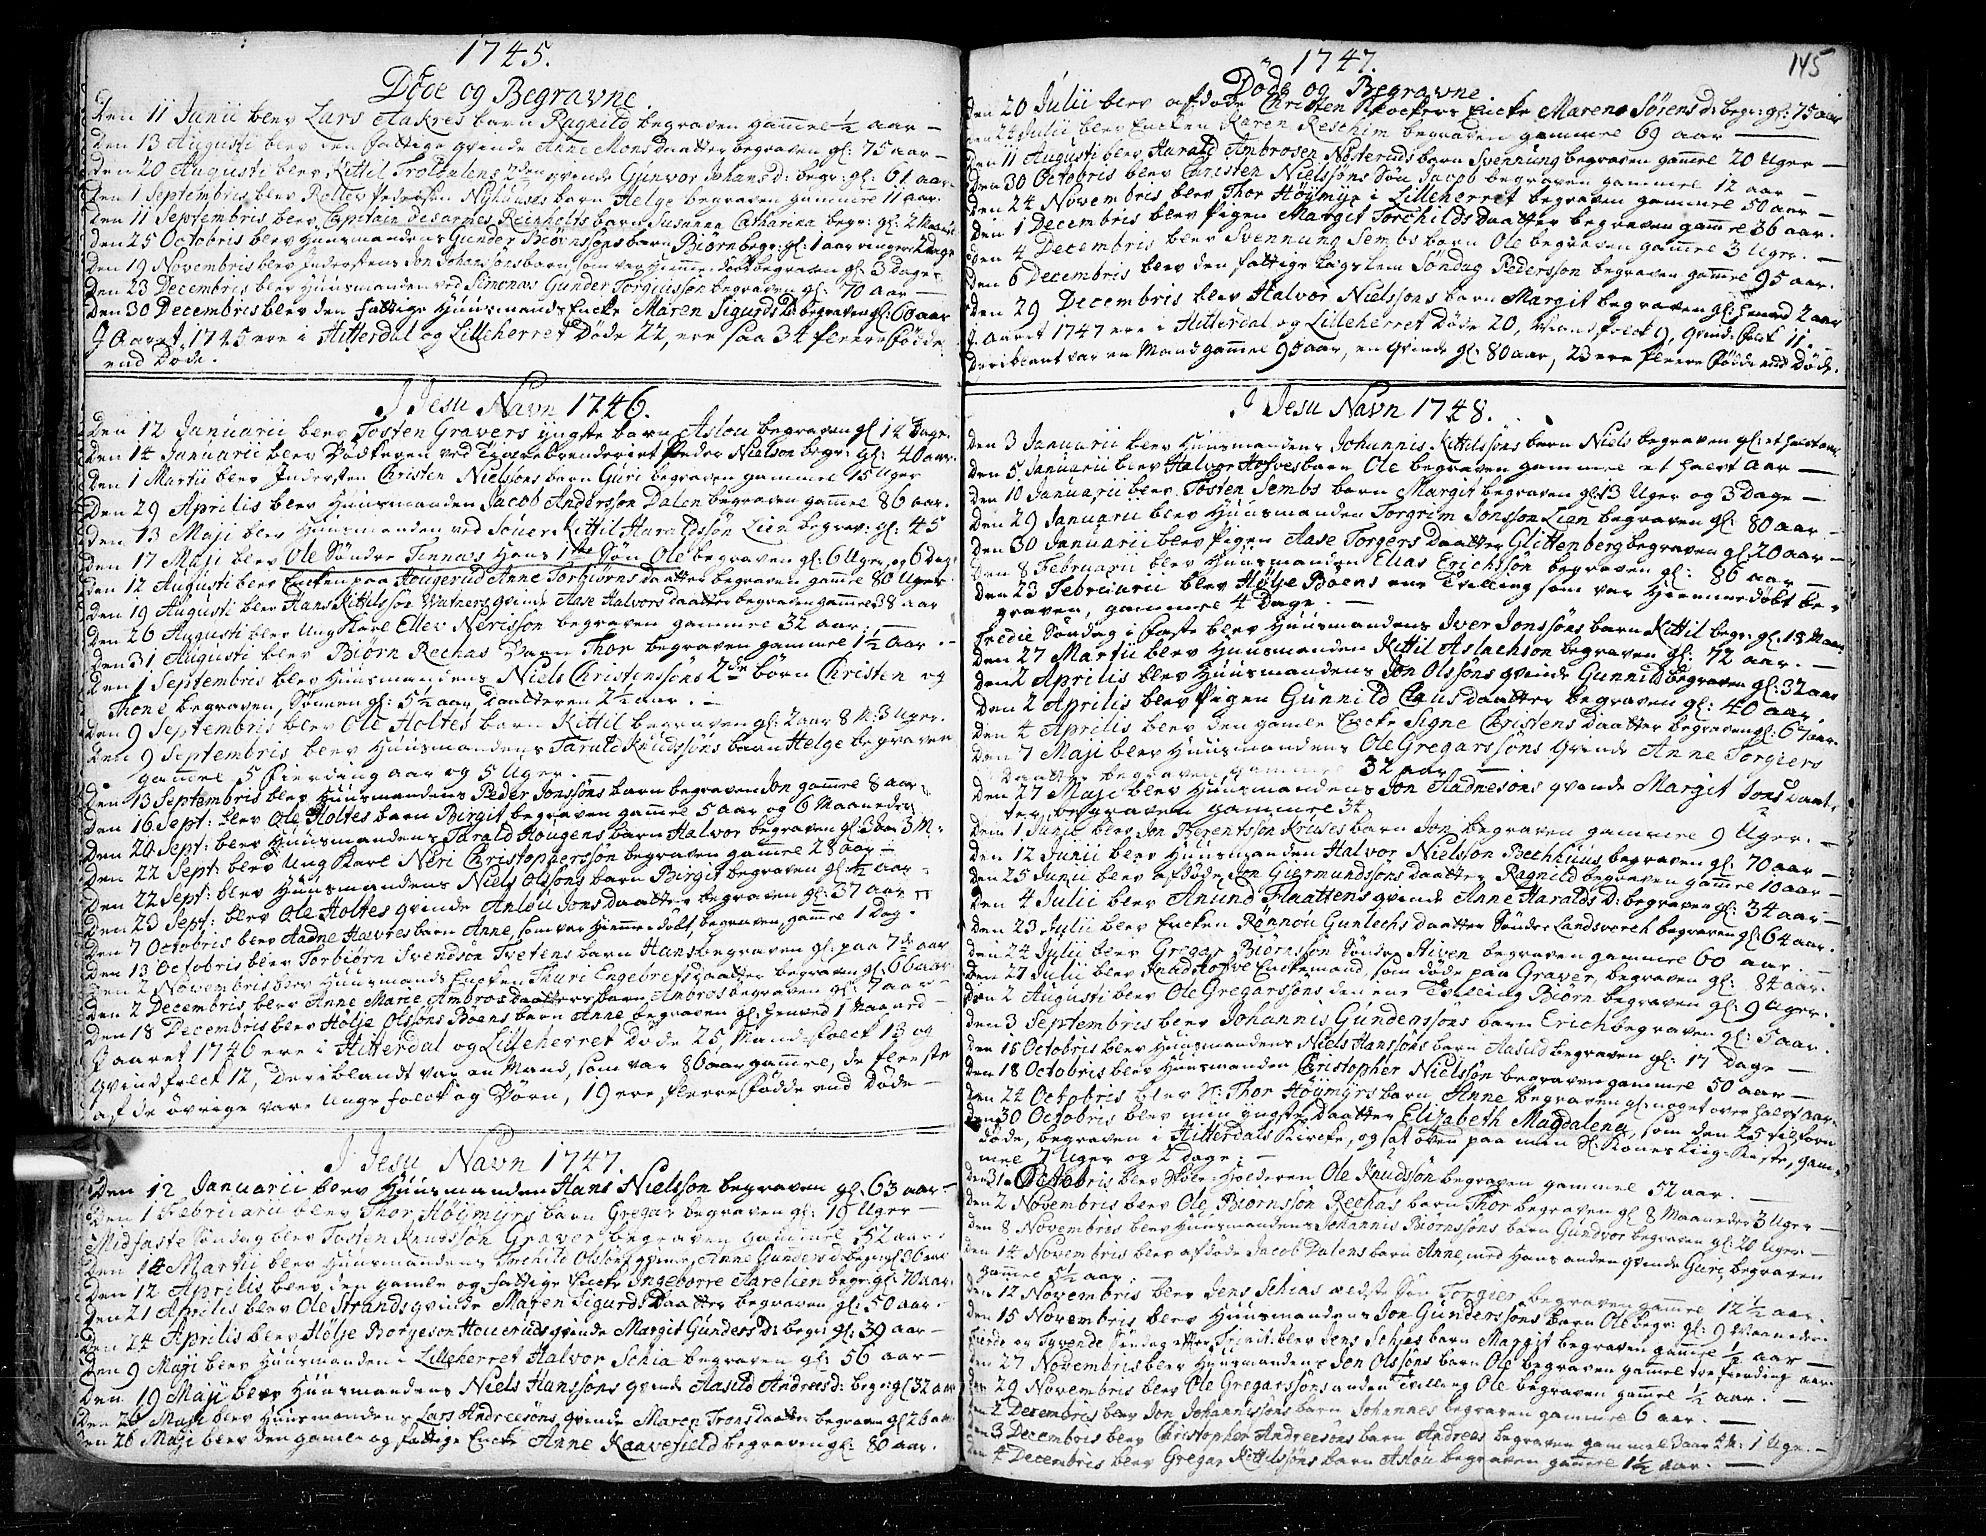 SAKO, Heddal kirkebøker, F/Fa/L0003: Ministerialbok nr. I 3, 1723-1783, s. 145